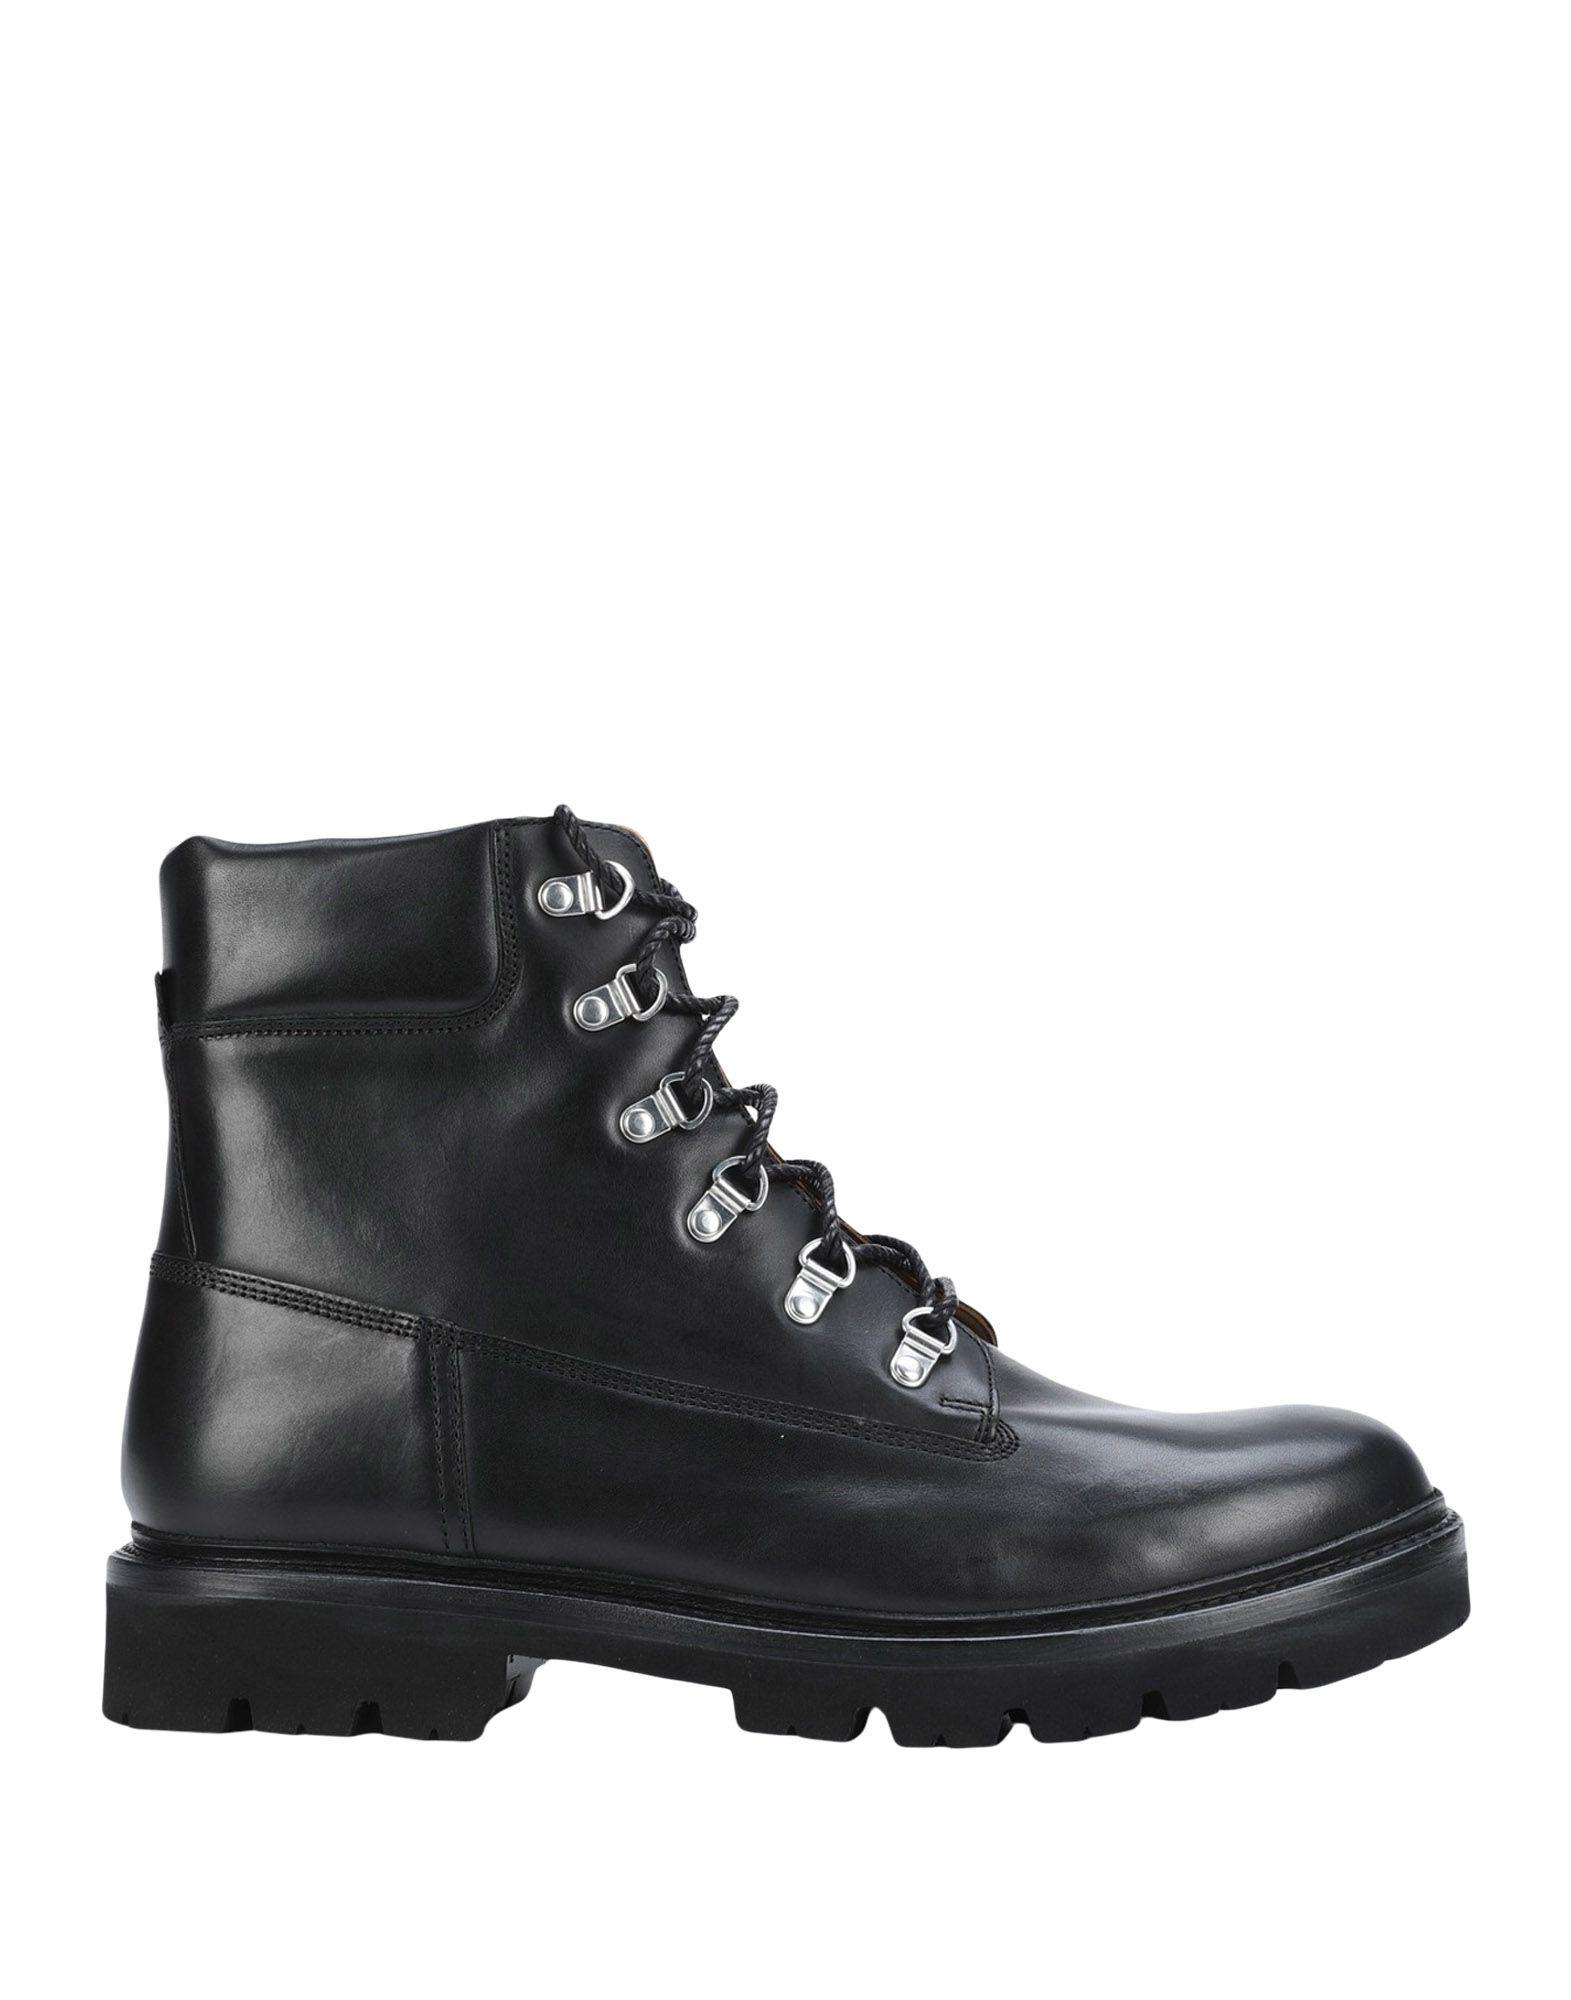 bbdd49f9def3 Обувь Grenson - Grenson Для Мужчин - YOOX